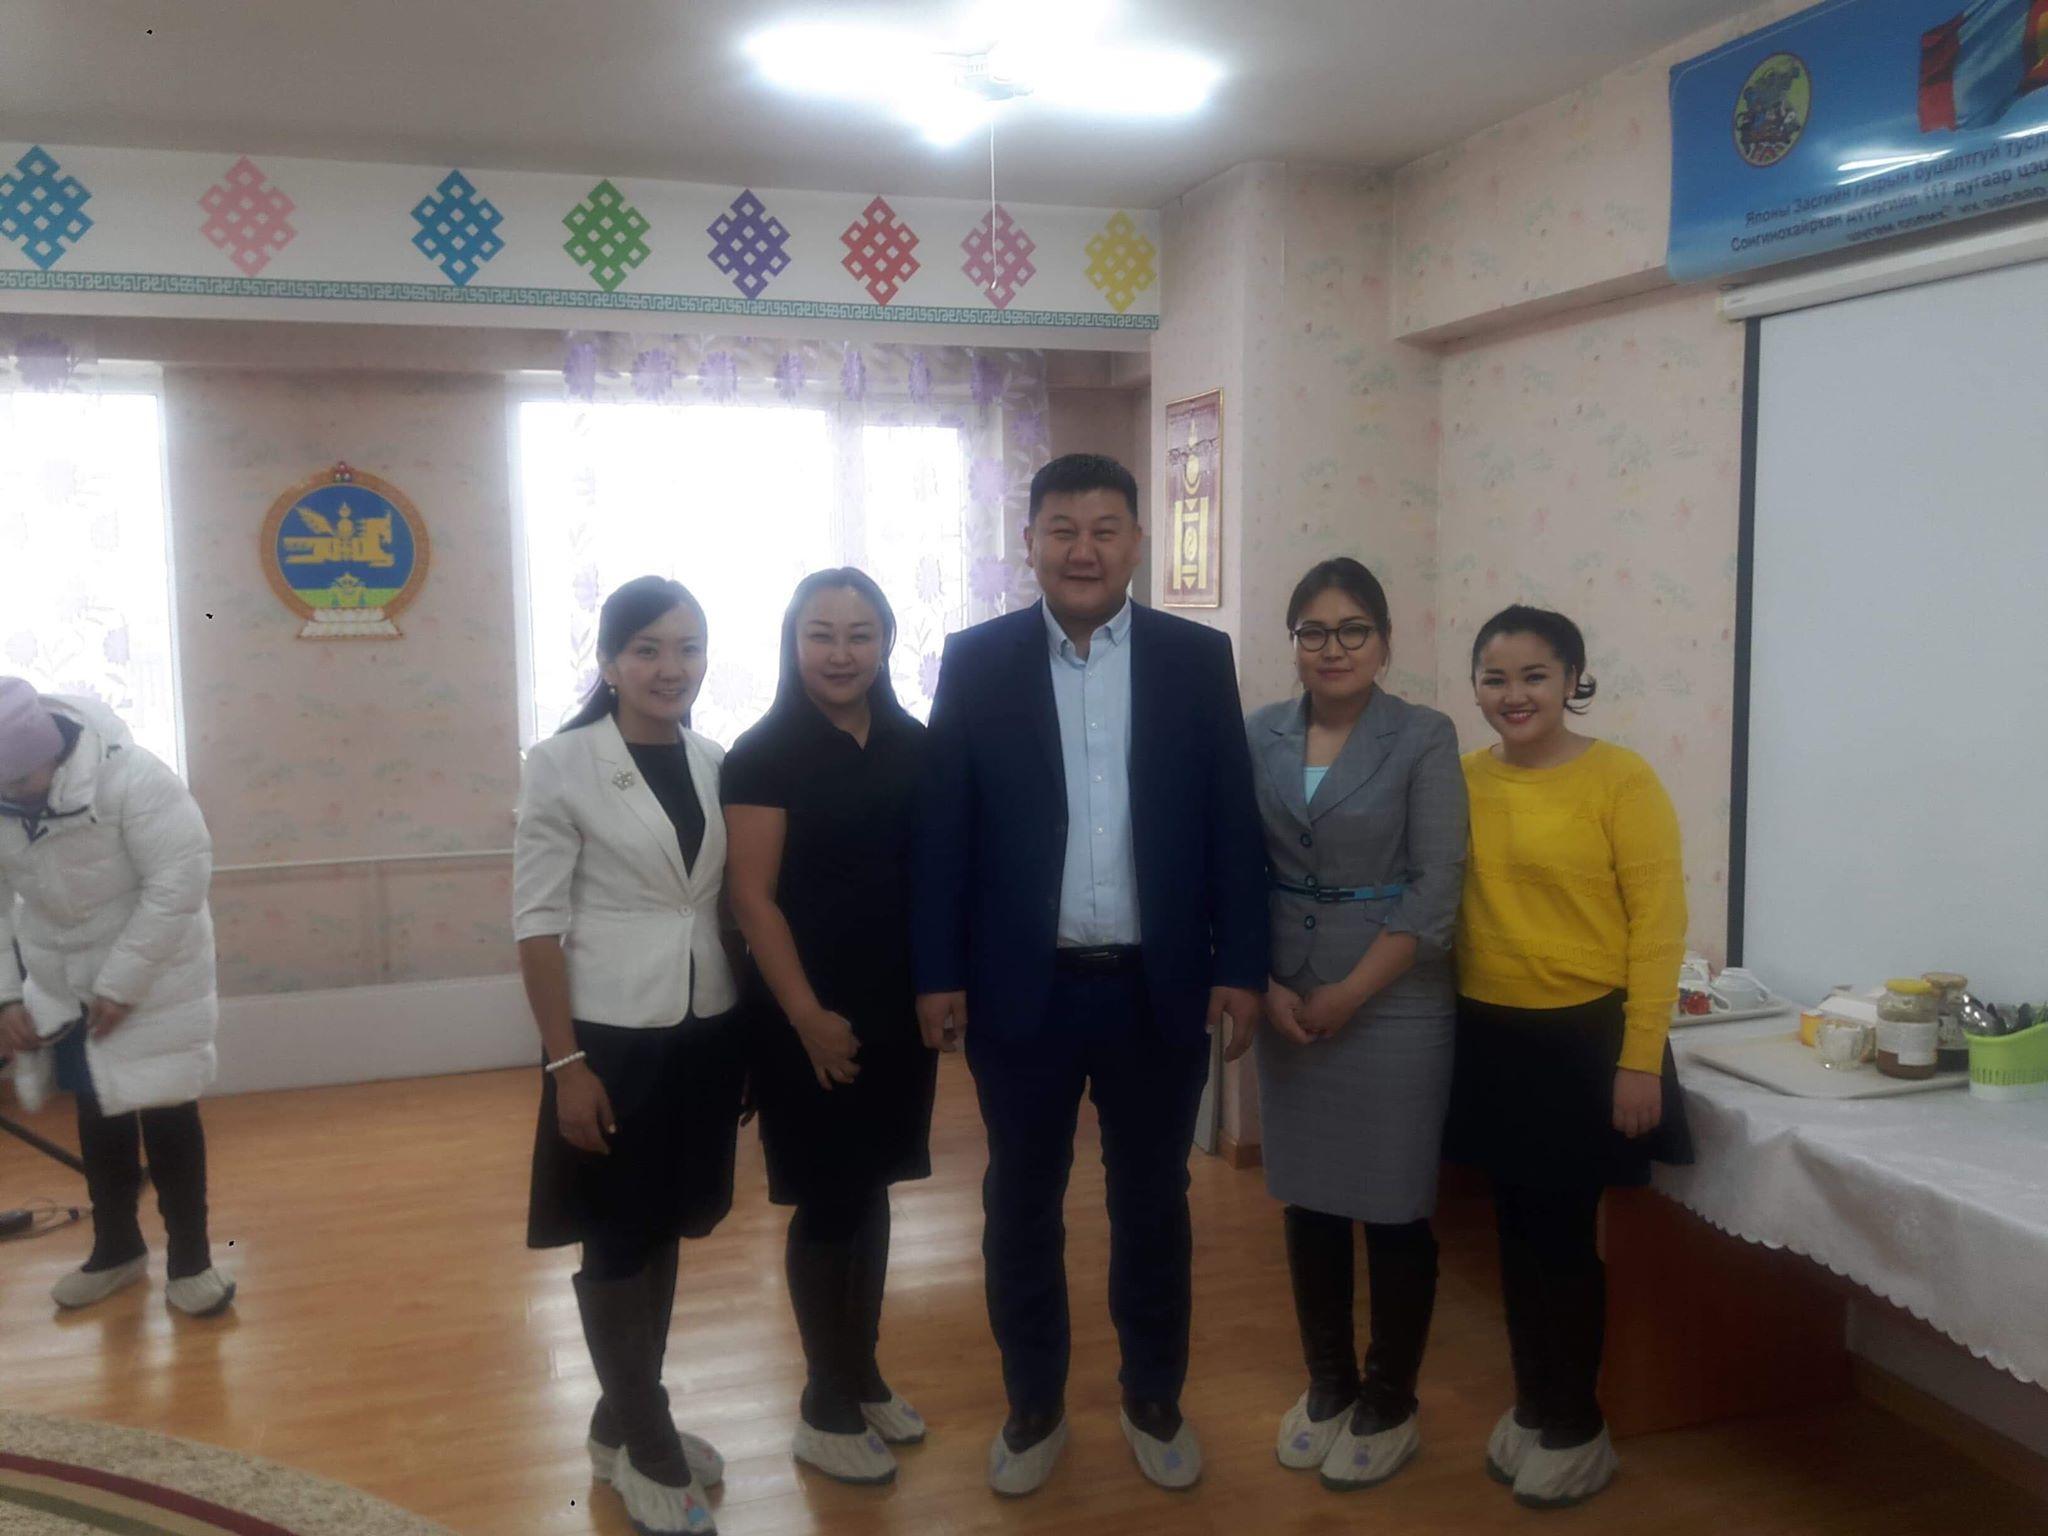 Улаанбаатар хотын цэцэрлэгийн хүүхдийн хоол, шим тэжээл- хоол үйлдвэрлэл, үйлчилгээний менежментийг сайжруулах төслийн семинарт хамрагдлаа.